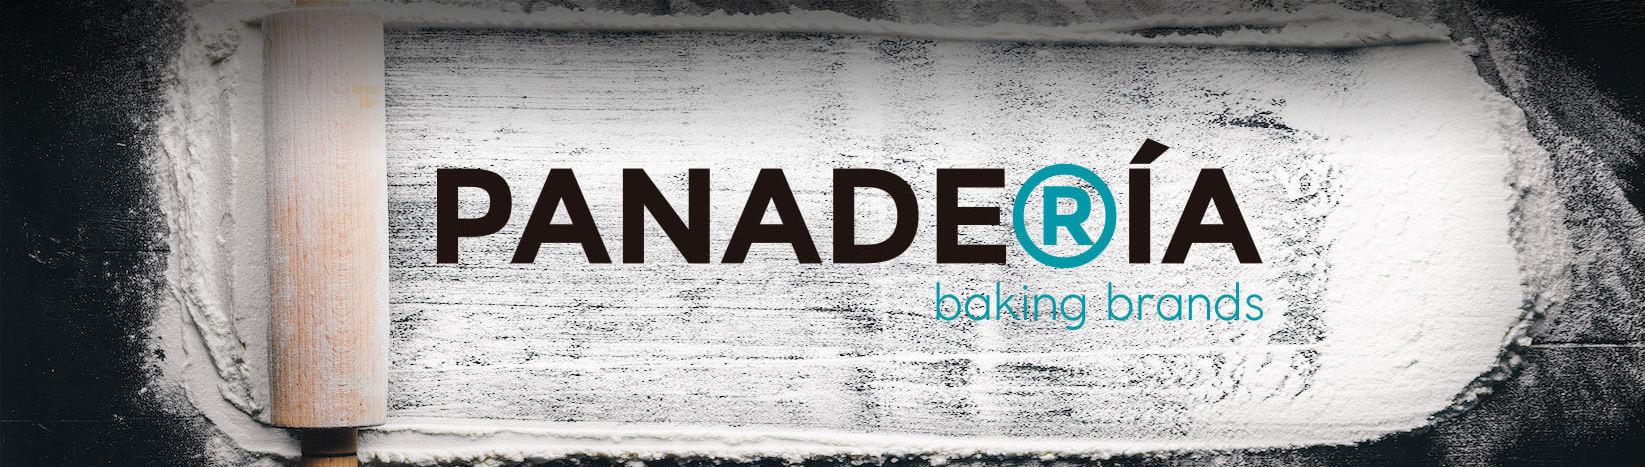 Panadería, Baking Brands